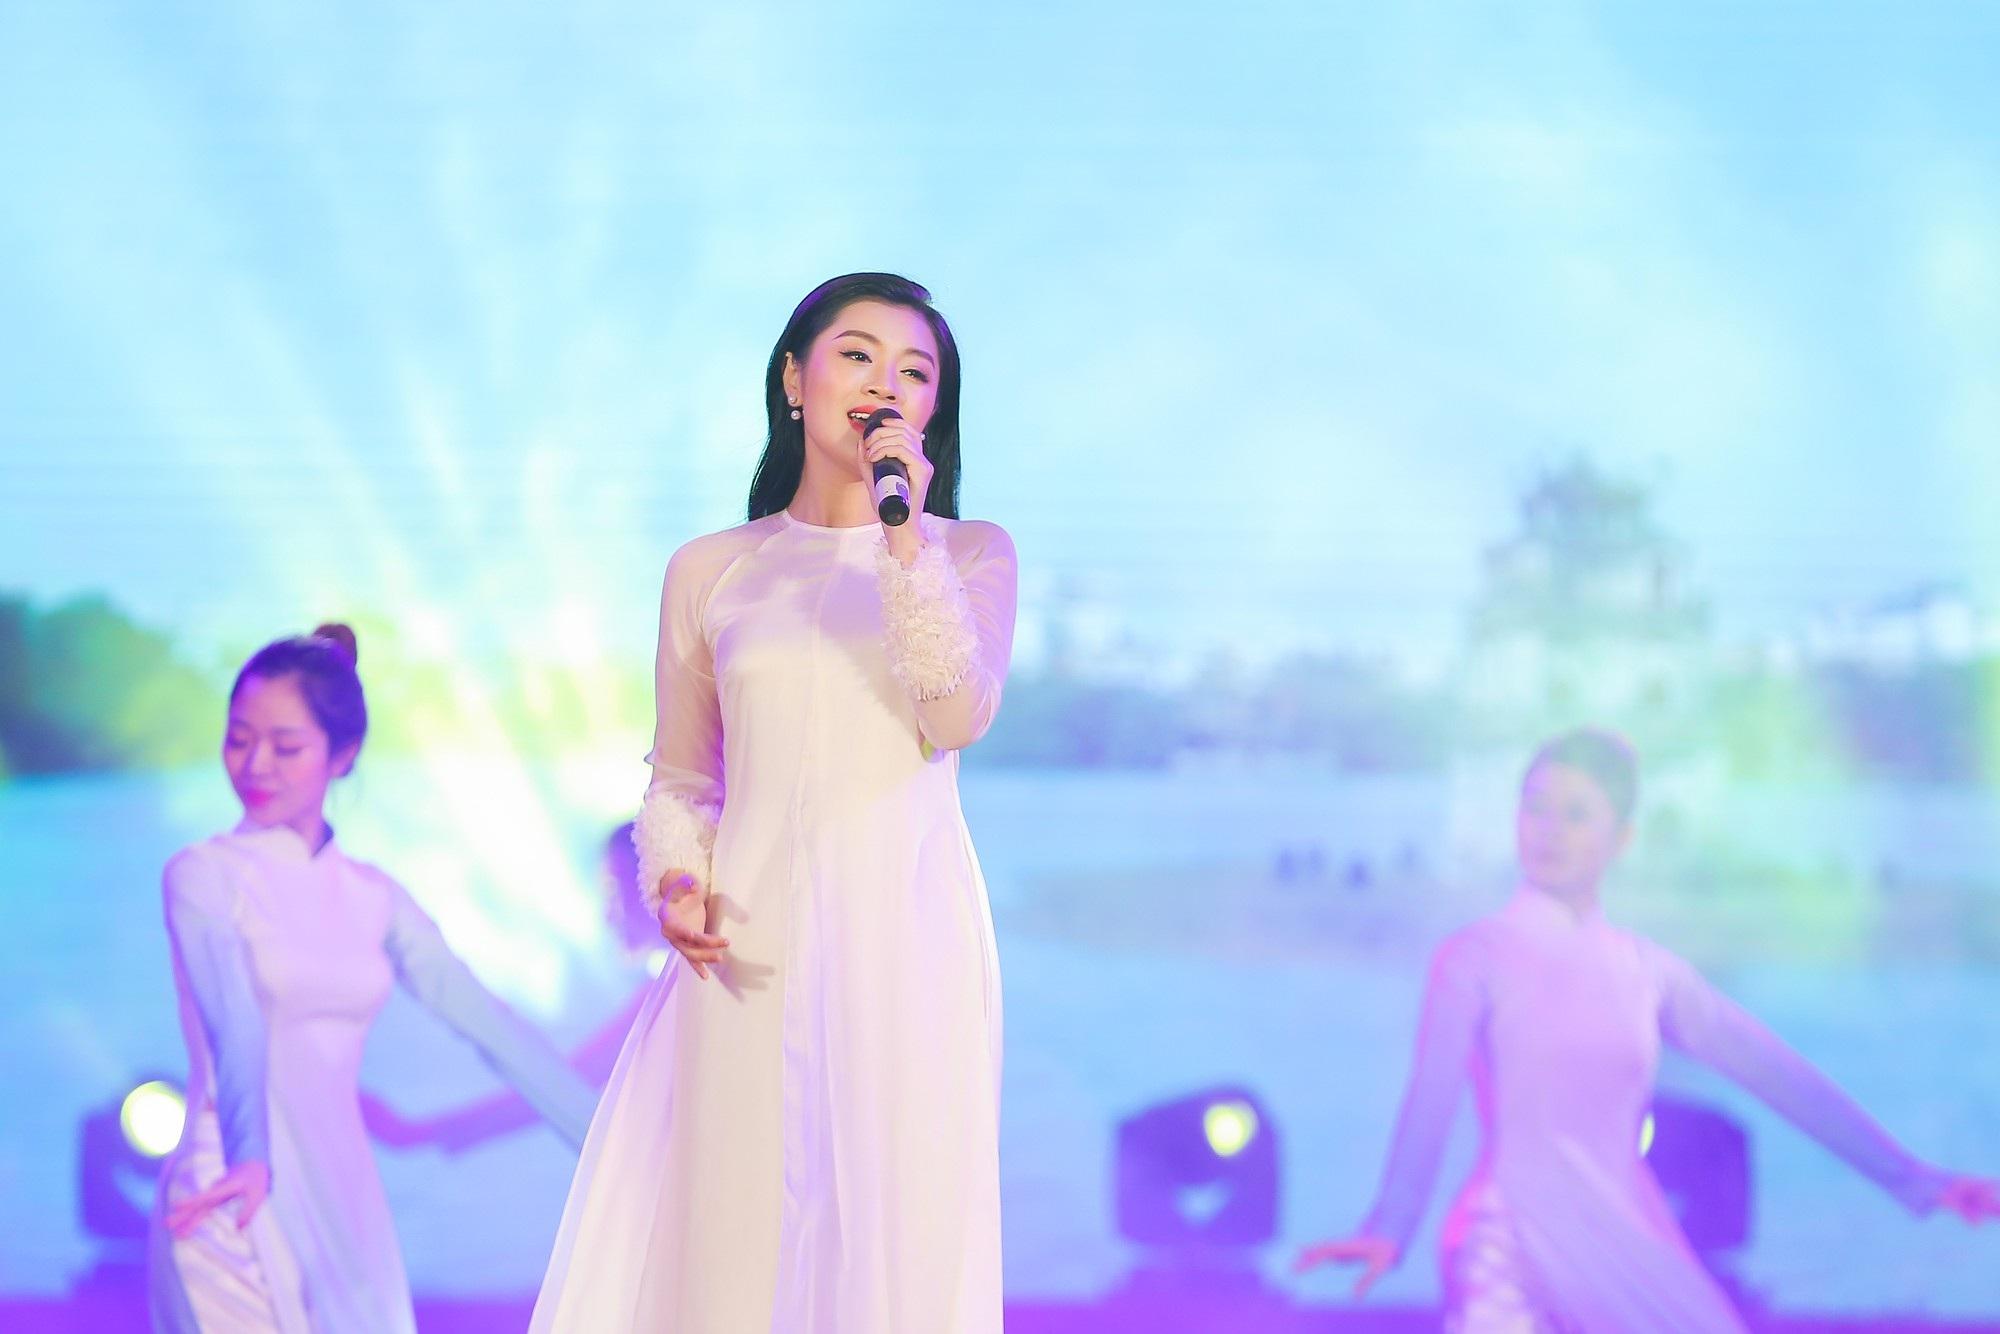 Nguyễn Thu Hằng cùng Quang Hải lọt top 10 gương mặt trẻ tiêu biểu Thủ đô 2018 - Ảnh 2.